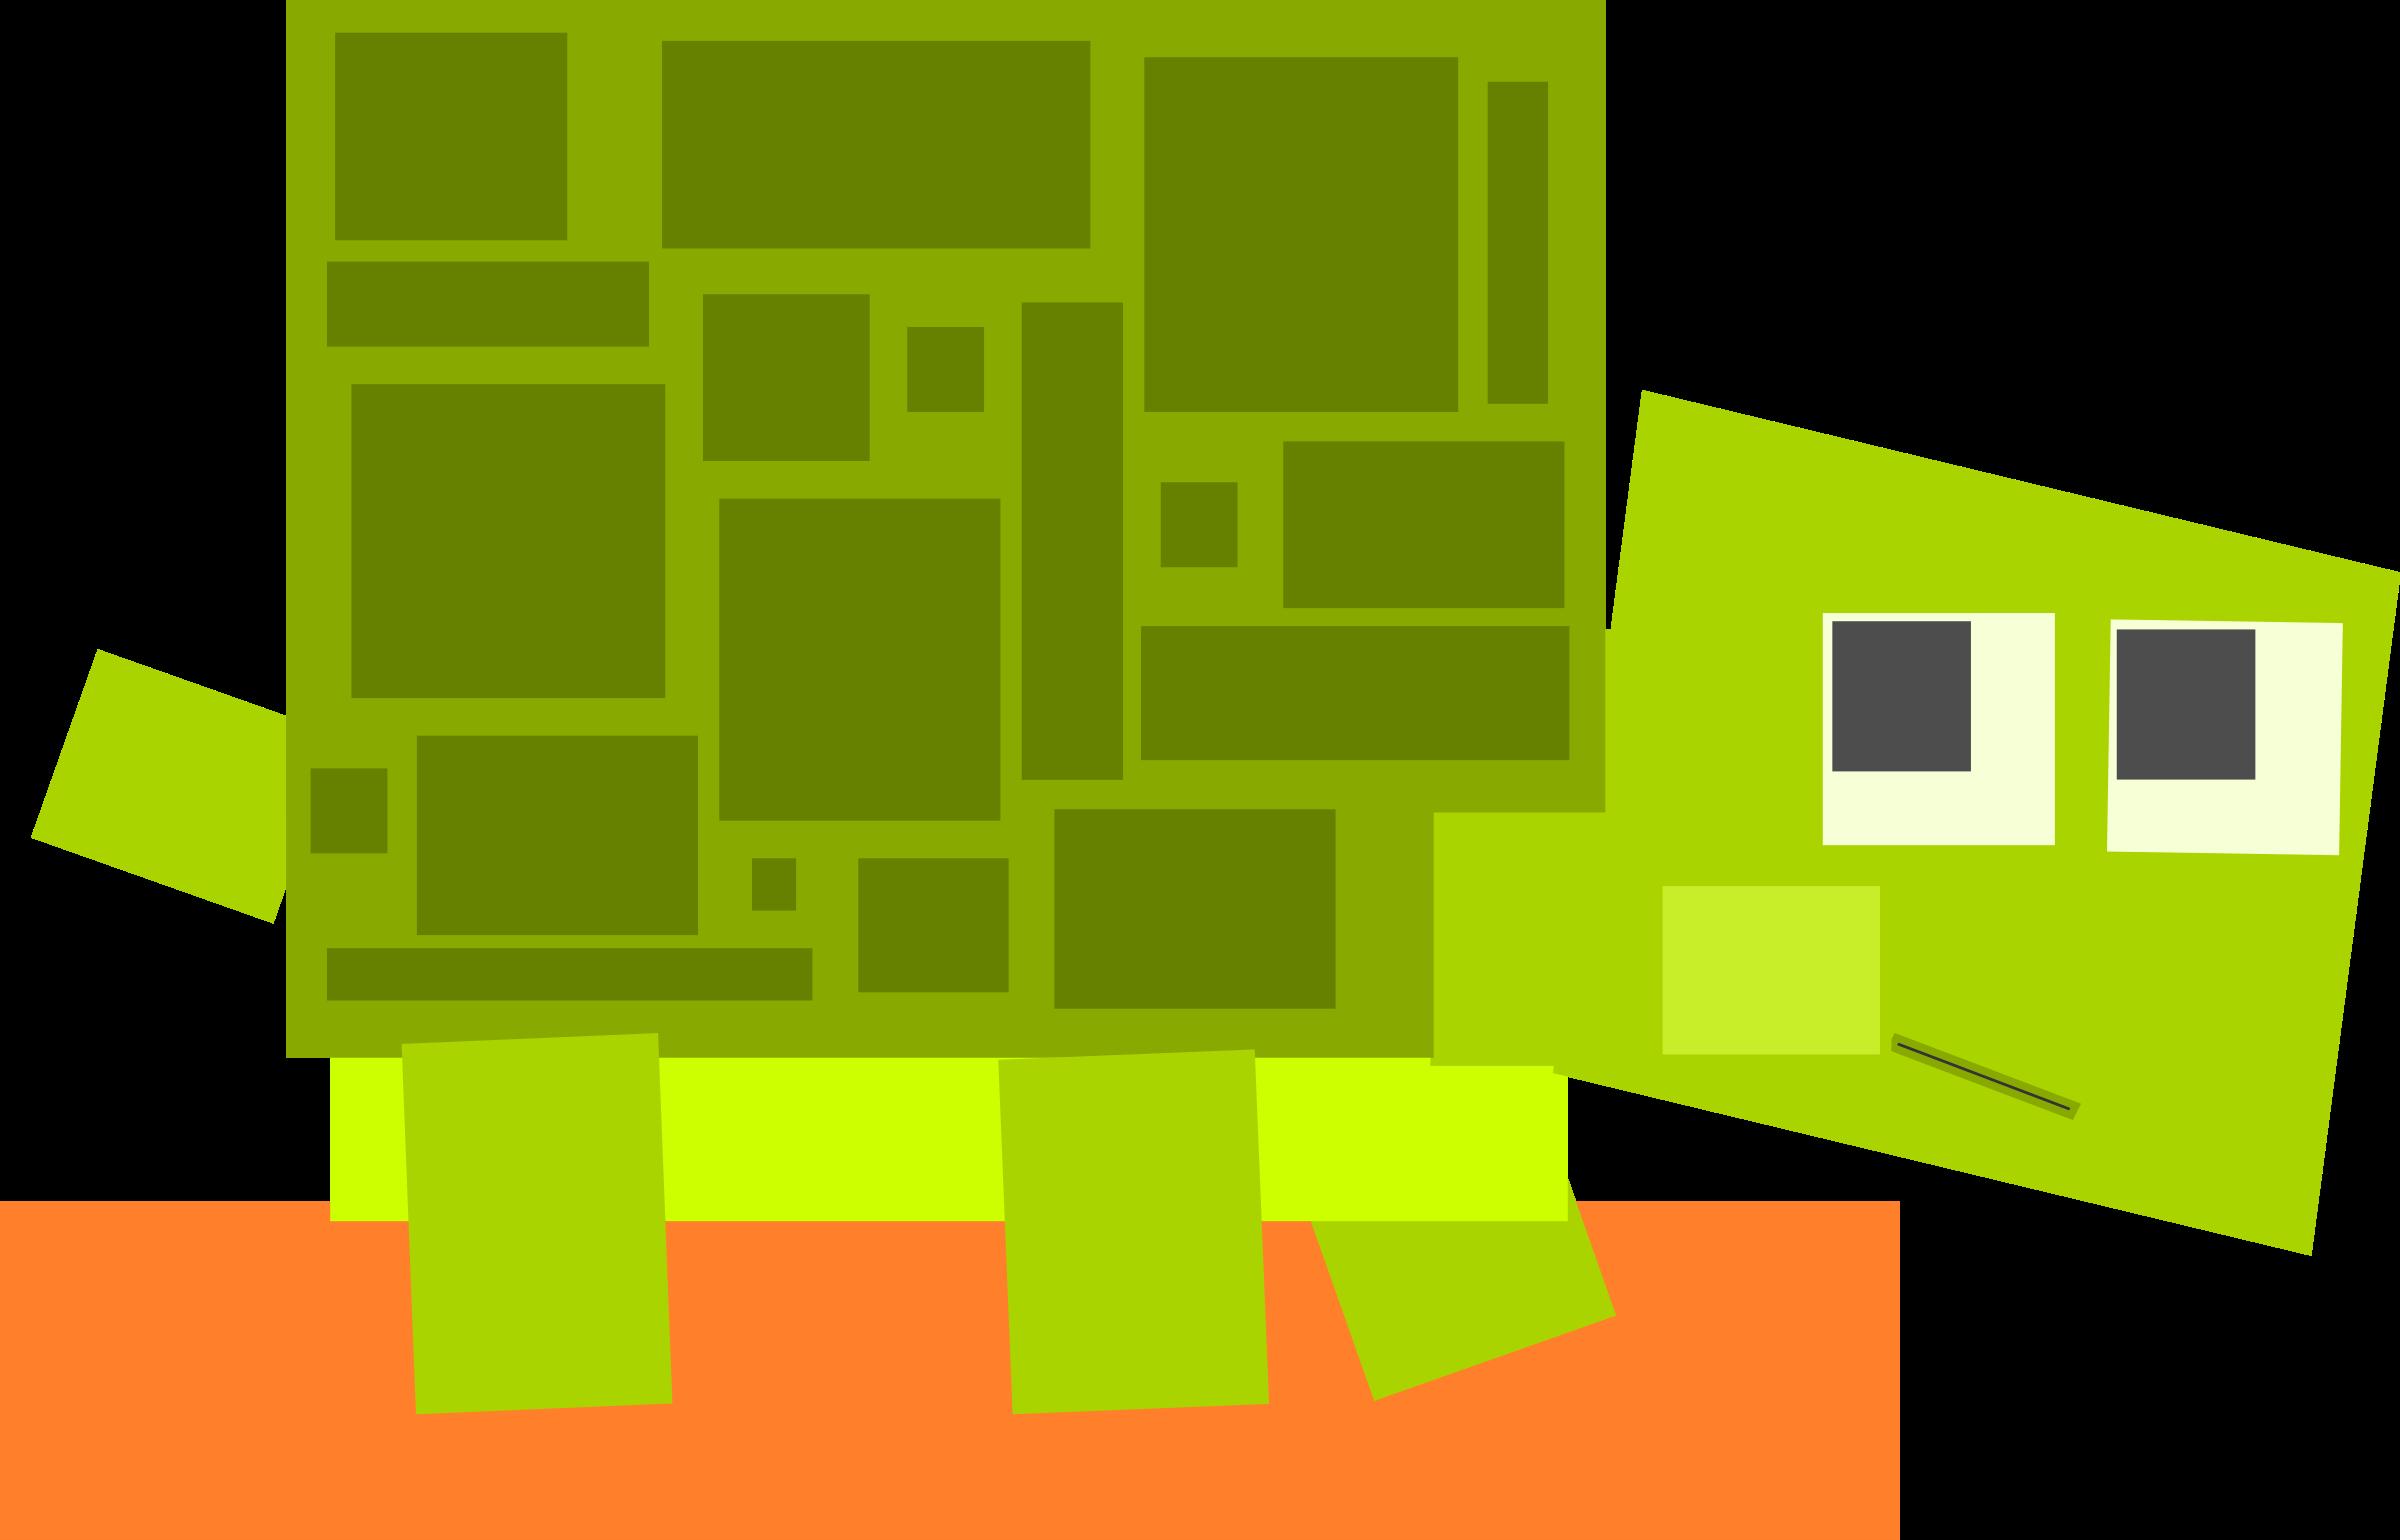 square clipart cartoon